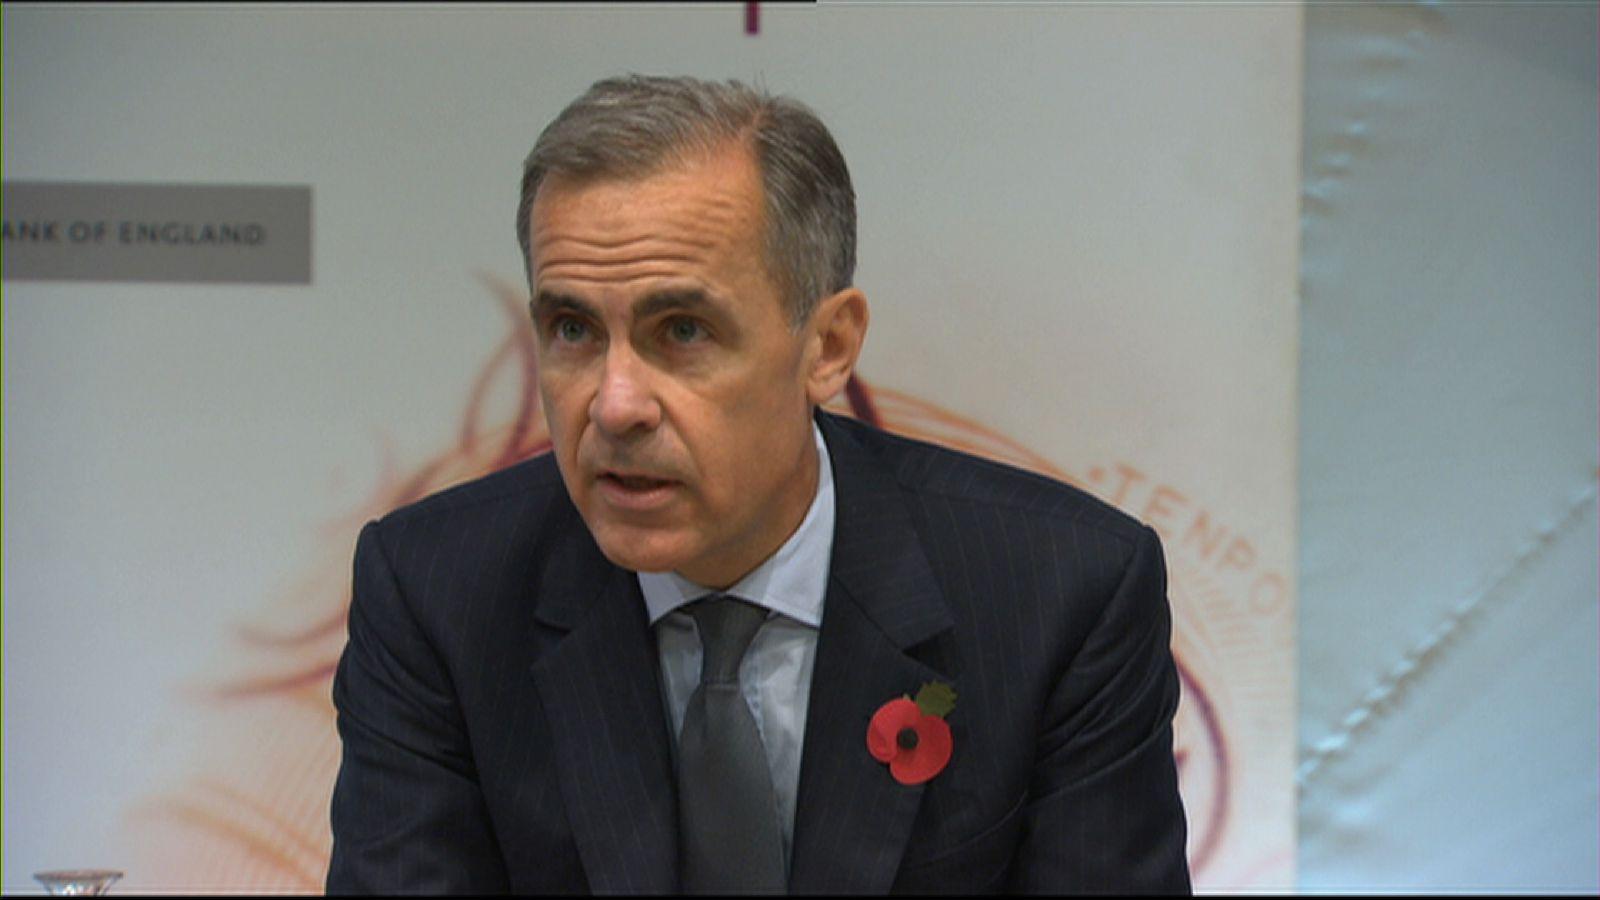 Mark Carney delivers November's Inflation Report